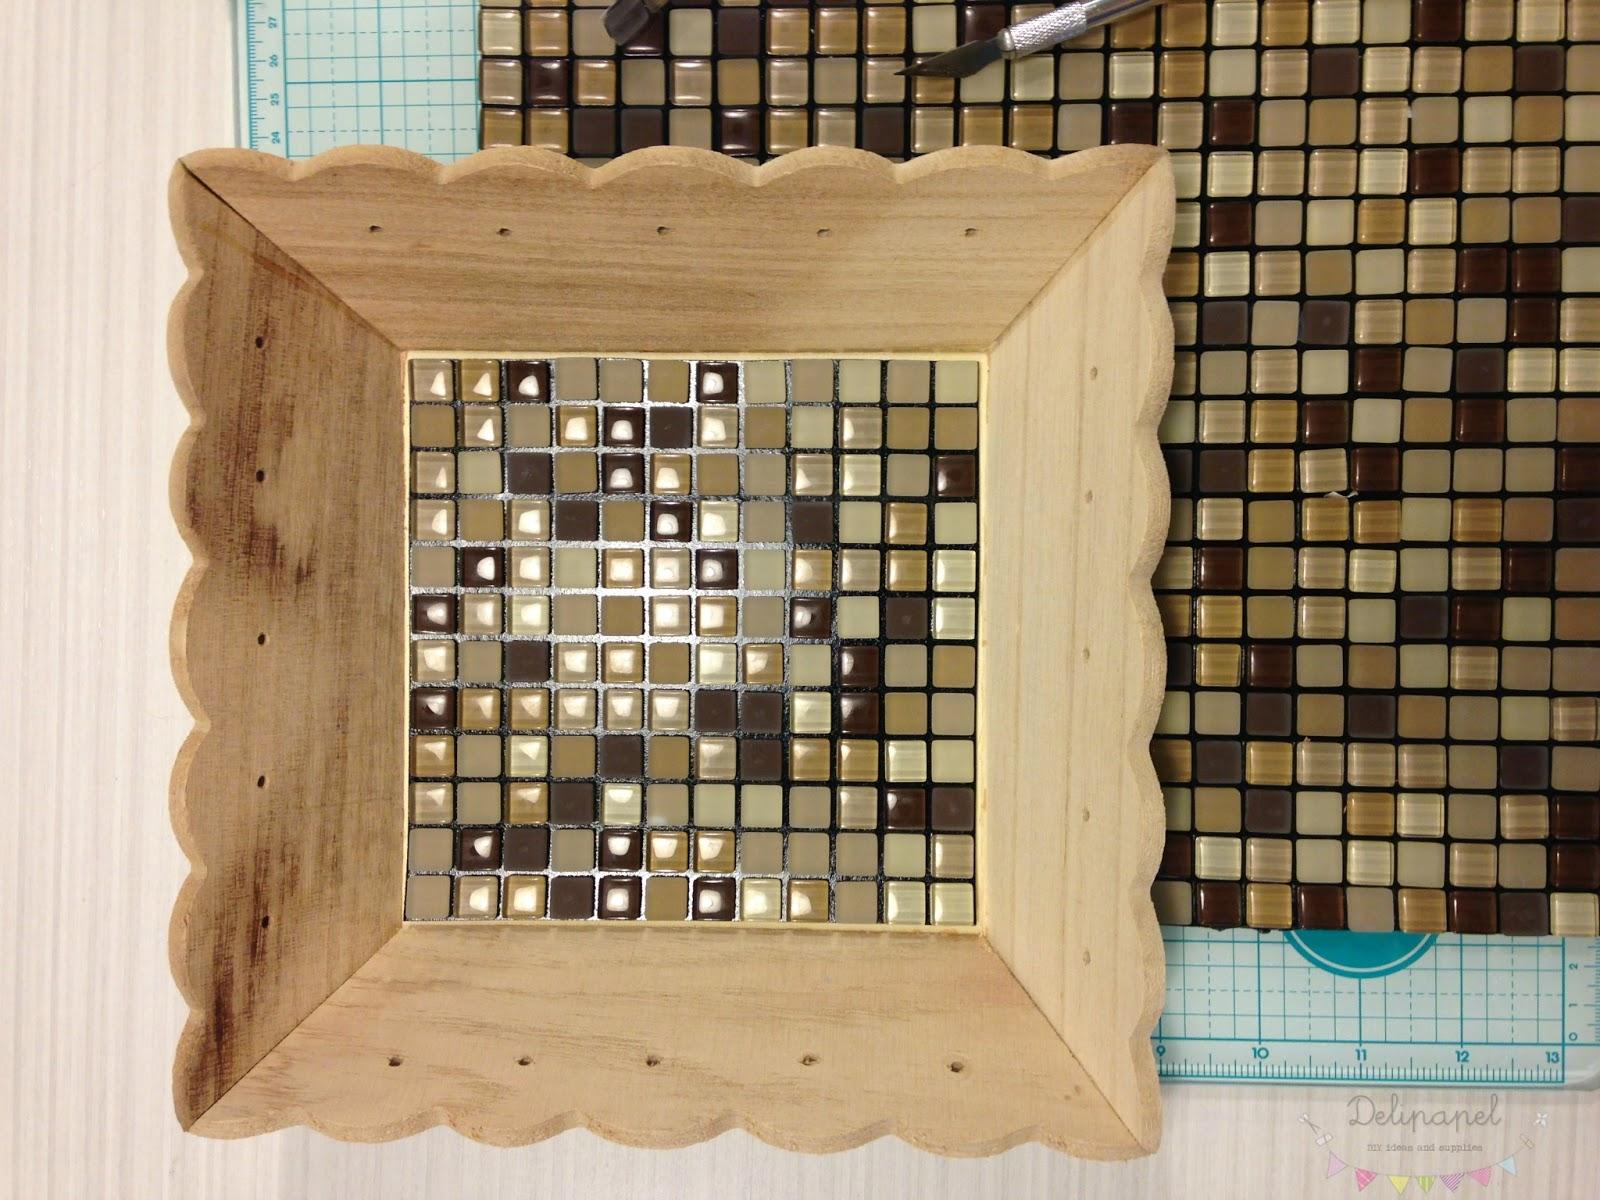 Papeles Decorativos Leroy Merlin Gallery Of Producto No  ~ Papel Adhesivo Para Forrar Muebles Leroy Merlin